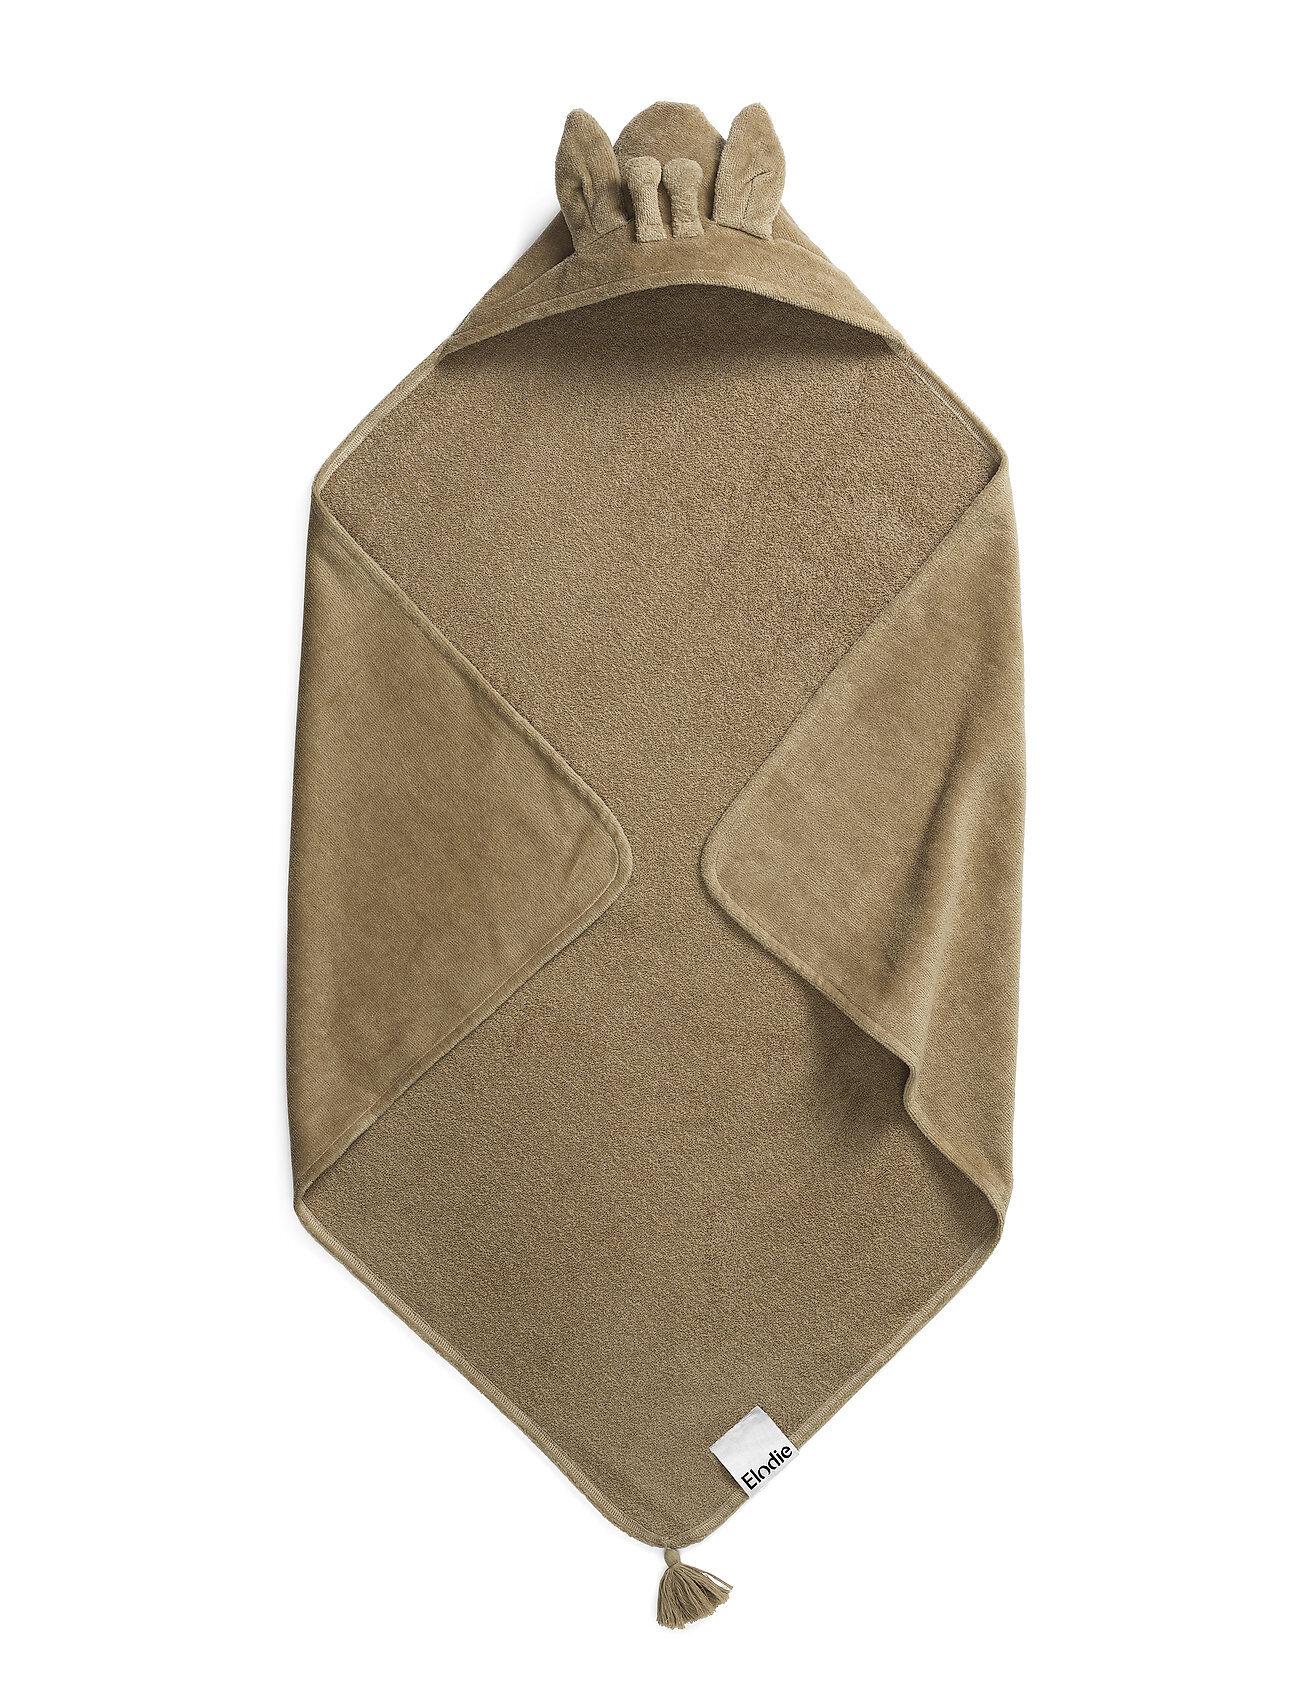 Elodie Details Hooded Towel - Kindly Konrad Home Bath Time Towels And Cloths Beige Elodie Details